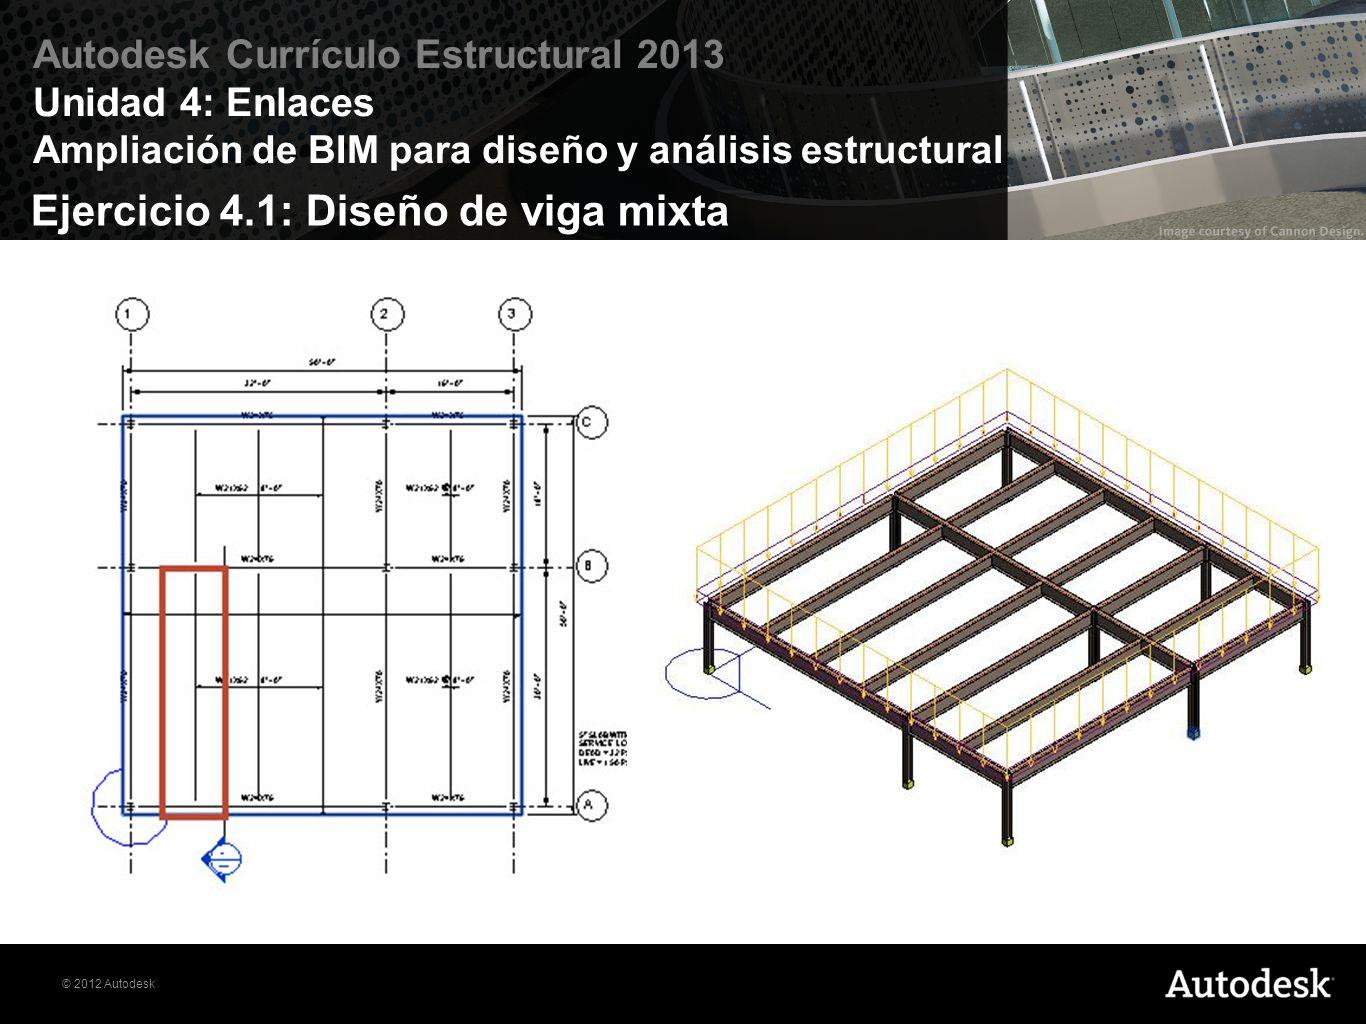 © 2012 Autodesk Autodesk Currículo Estructural 2013 Unidad 4: Enlaces Ampliación de BIM para diseño y análisis estructural En este ejemplo, nos fijamos en el diseño de una viga interior compuesta para abarcar 30 con una separación entre ejes de 8 con el número mínimo de 3/4 de diámetro x 3 conectores de perno cortante.